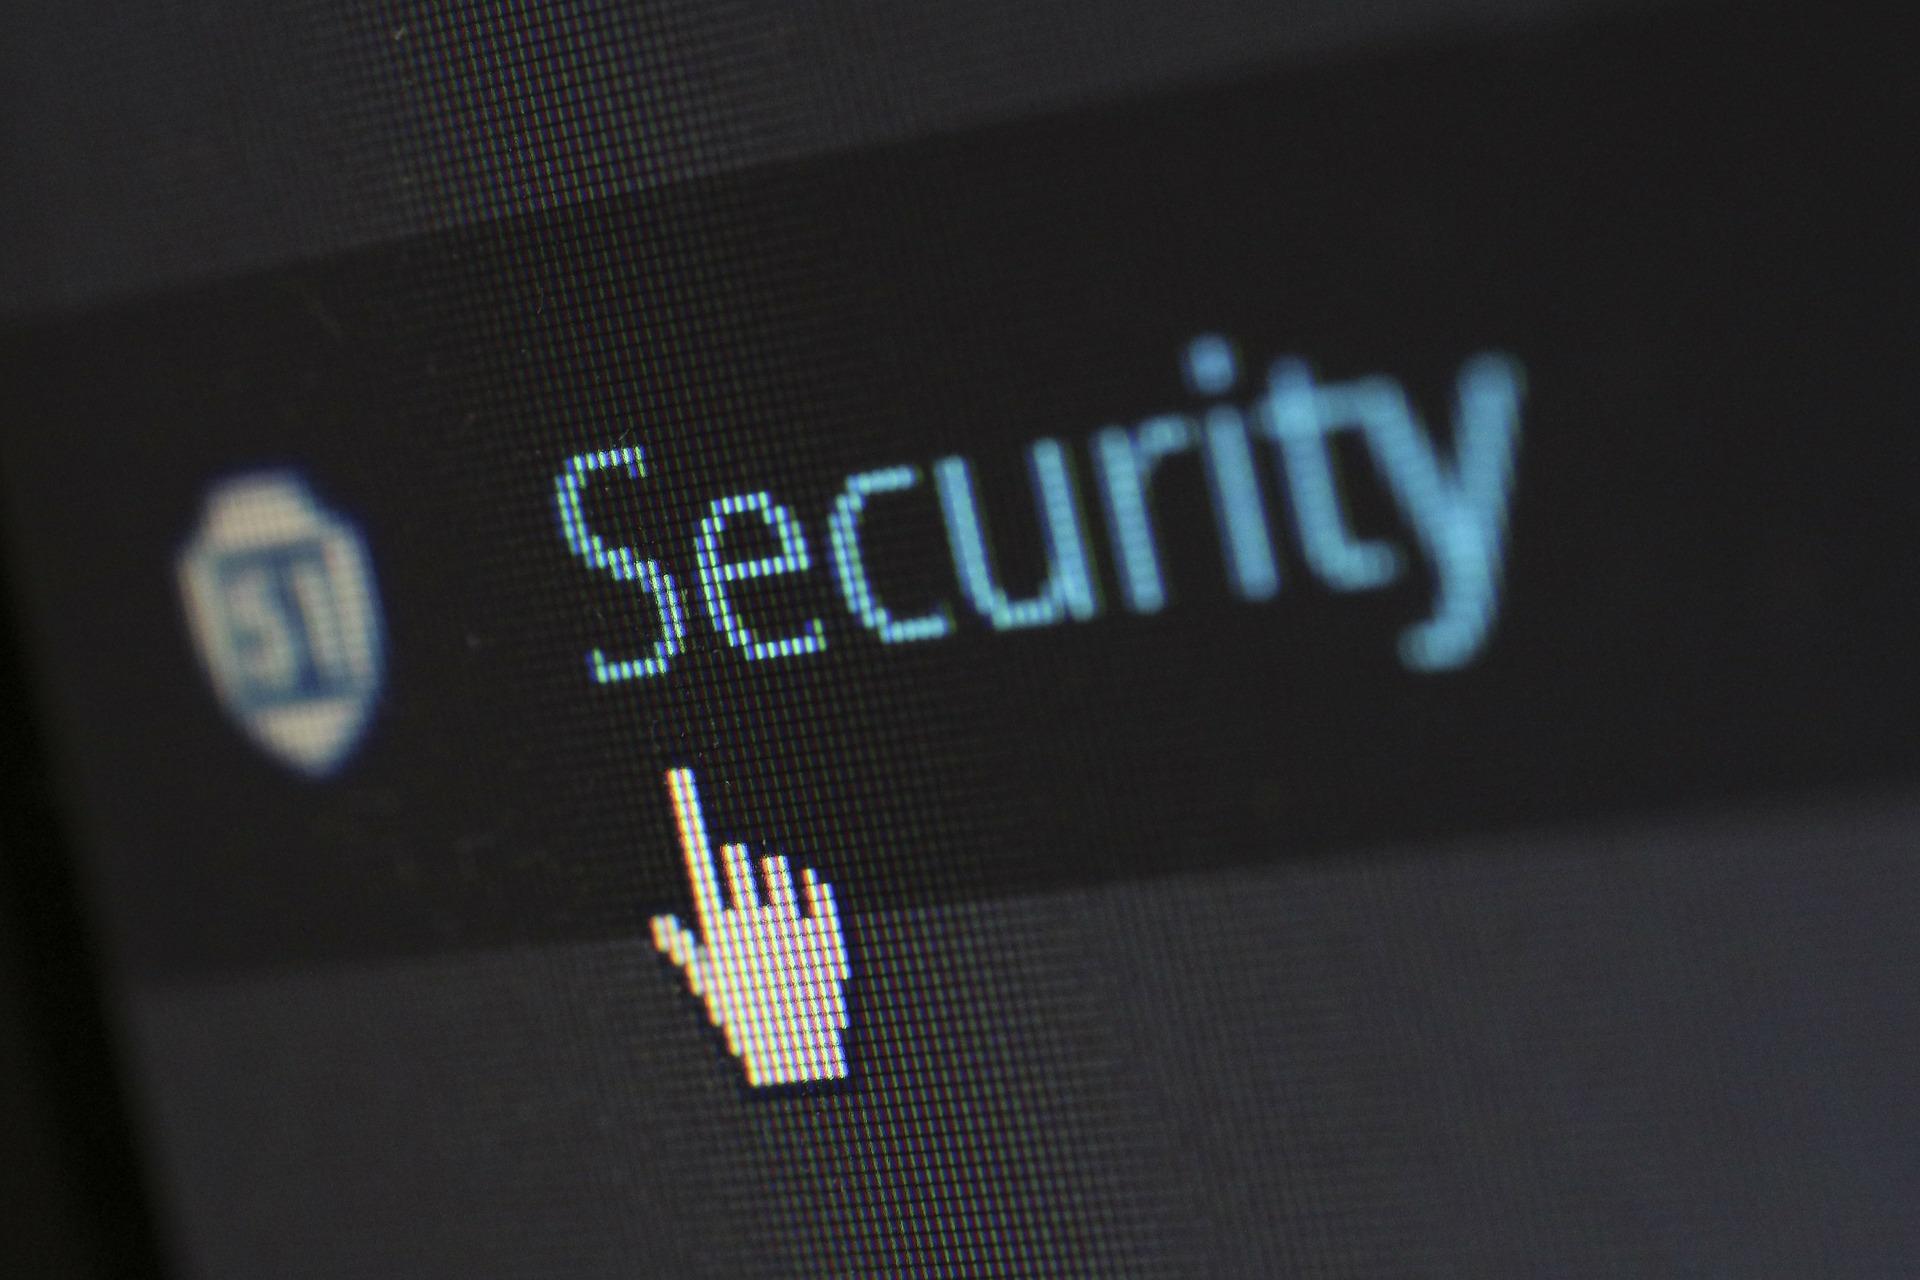 BUYMA(バイマ)- 本サイトにおけるプライバシー・ポリシー